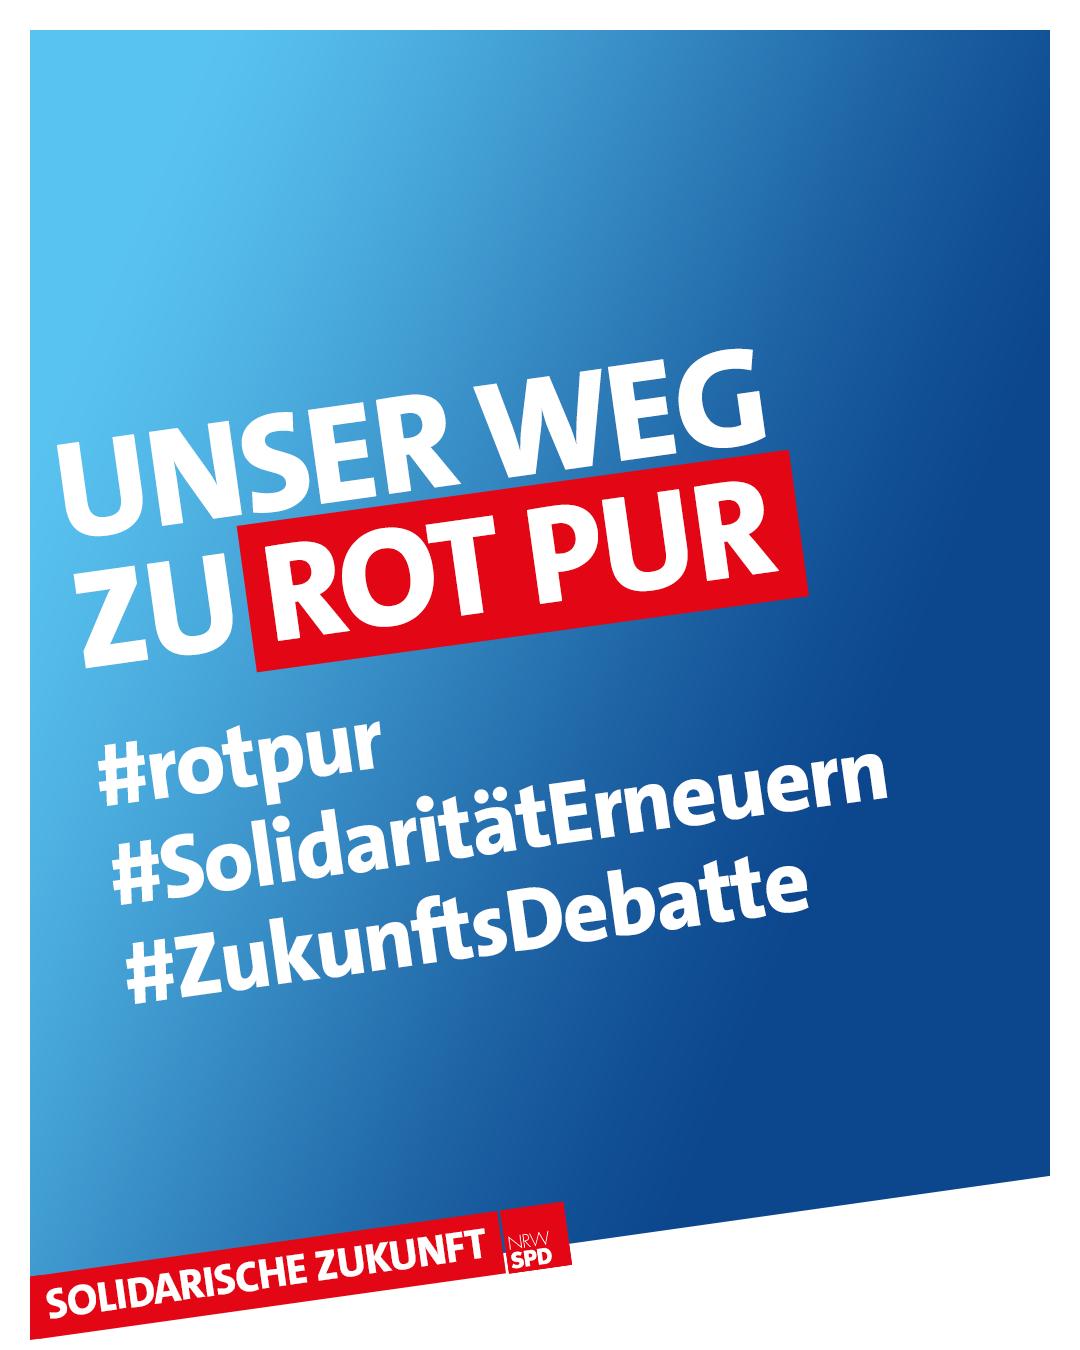 """Digitales Banner mit weißer Schrift auf blauem Grund. """"Unser Weg zu Rot Pur #rotpur #SolidaritätErneuern #ZukunftsDebatte"""